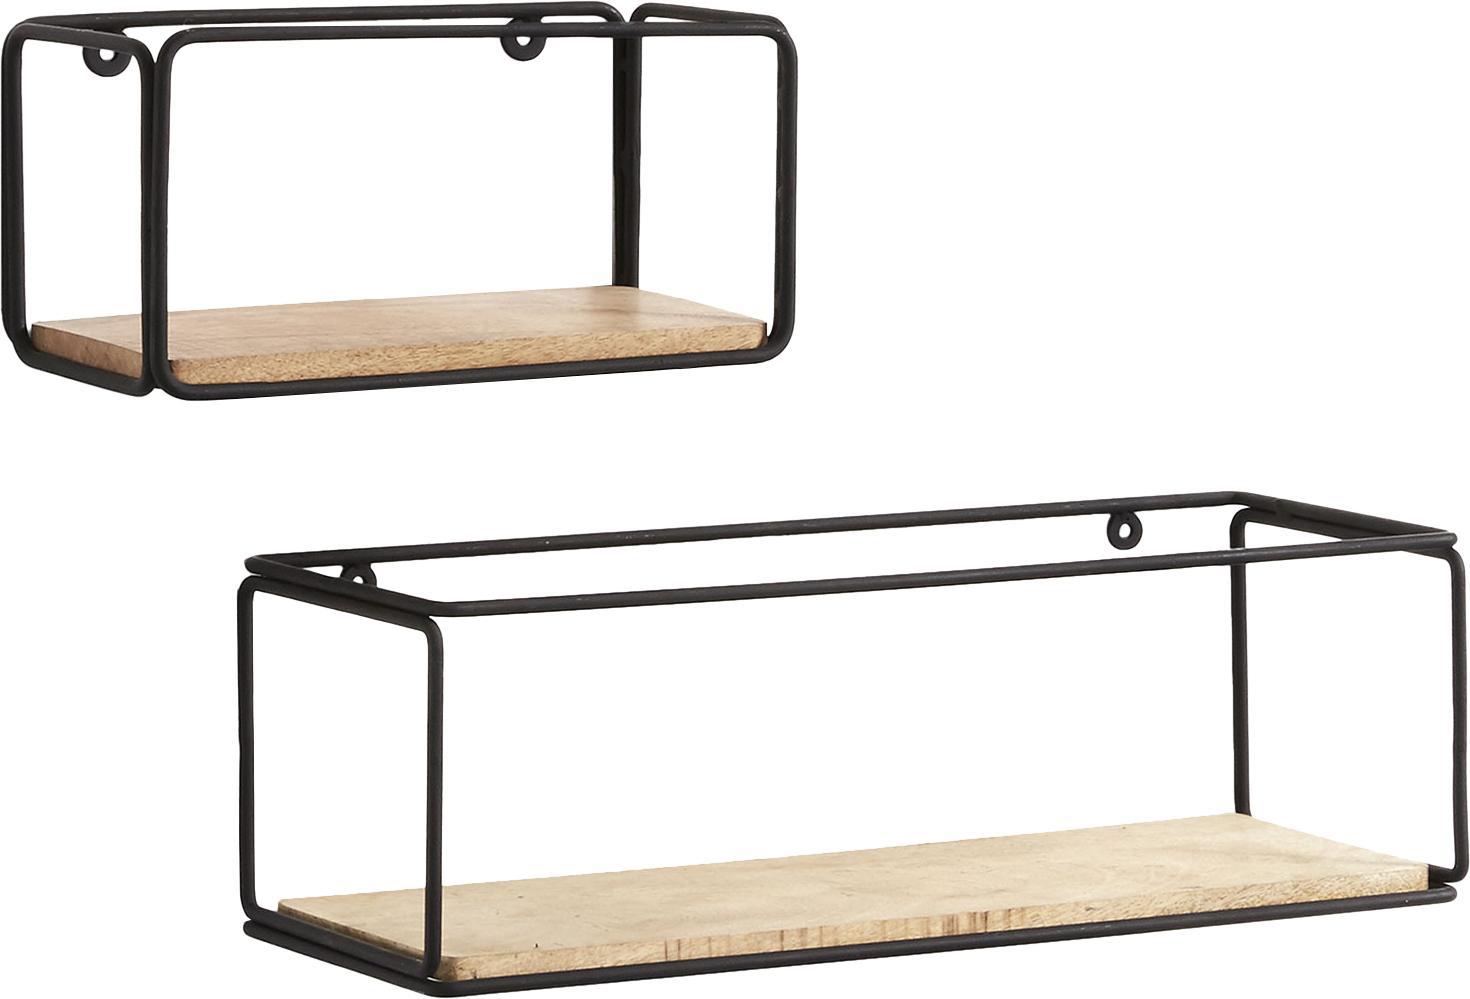 Komplet półek ściennych industrial Nezz, 2 elem., Stelaż: metal lakierowany, Czarny, brązowy, Komplet z różnymi rozmiarami